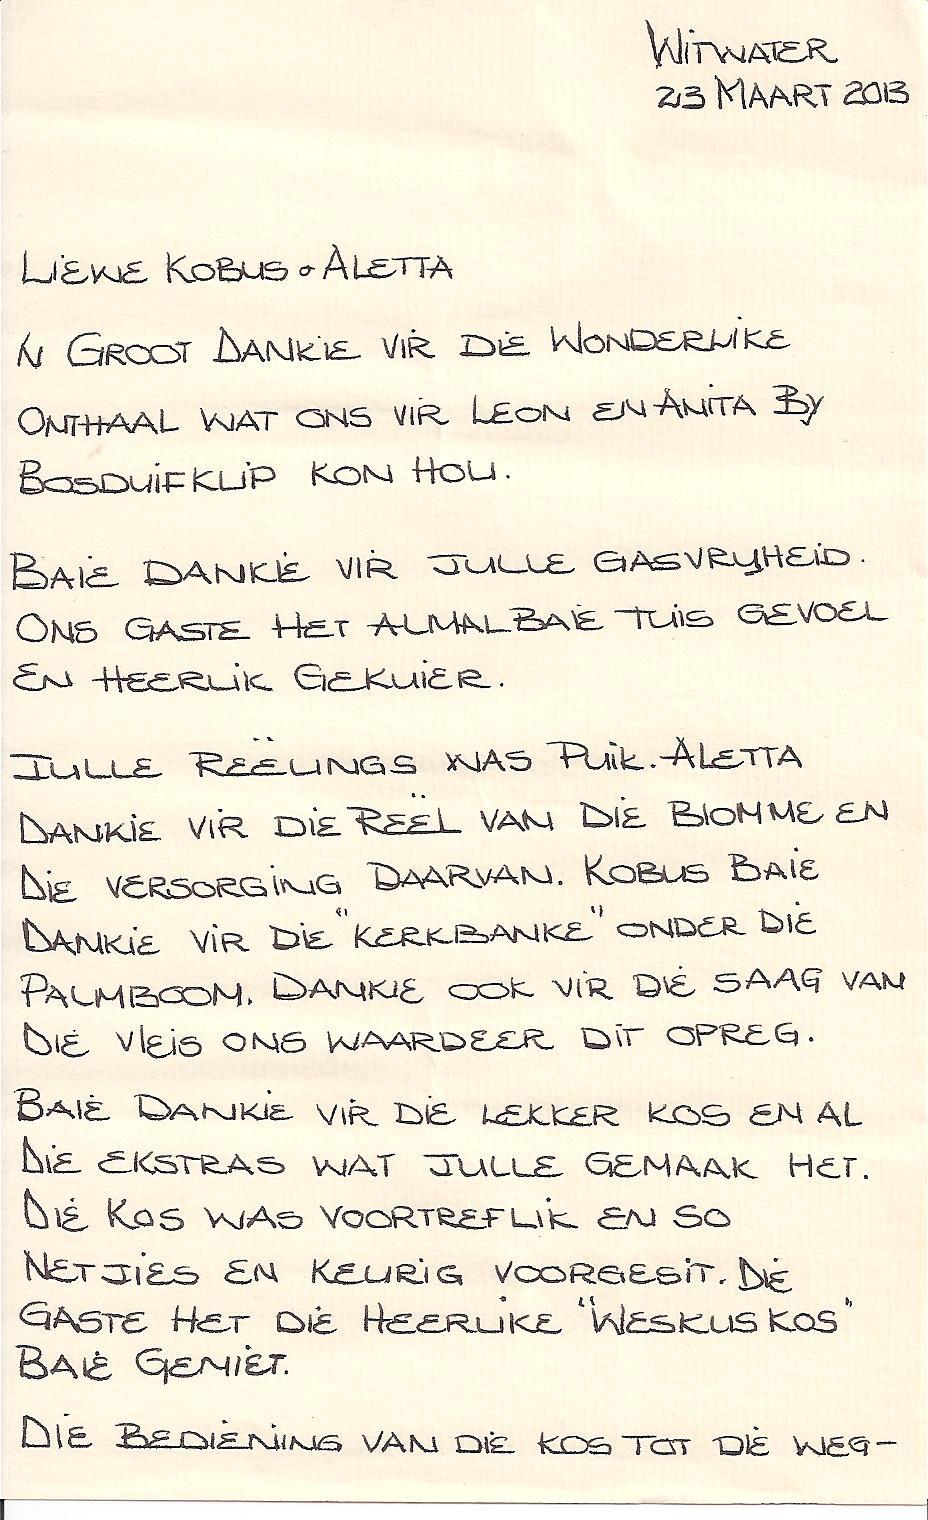 Troue 23 maart 2013: dankie brief